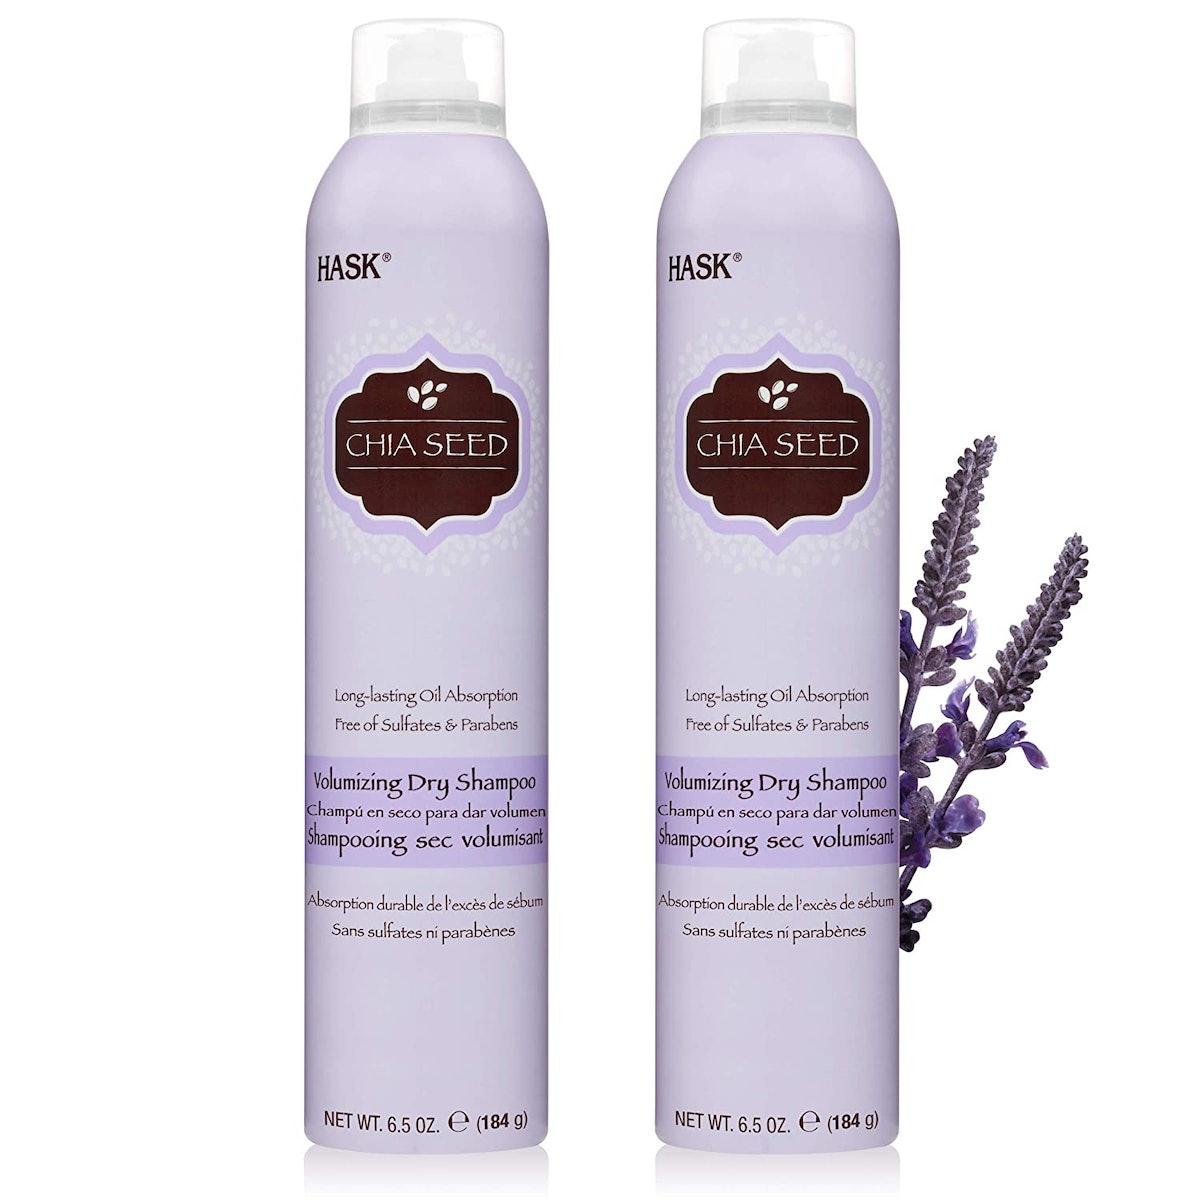 HASK Volumizing Dry Shampoo (2-Pack)